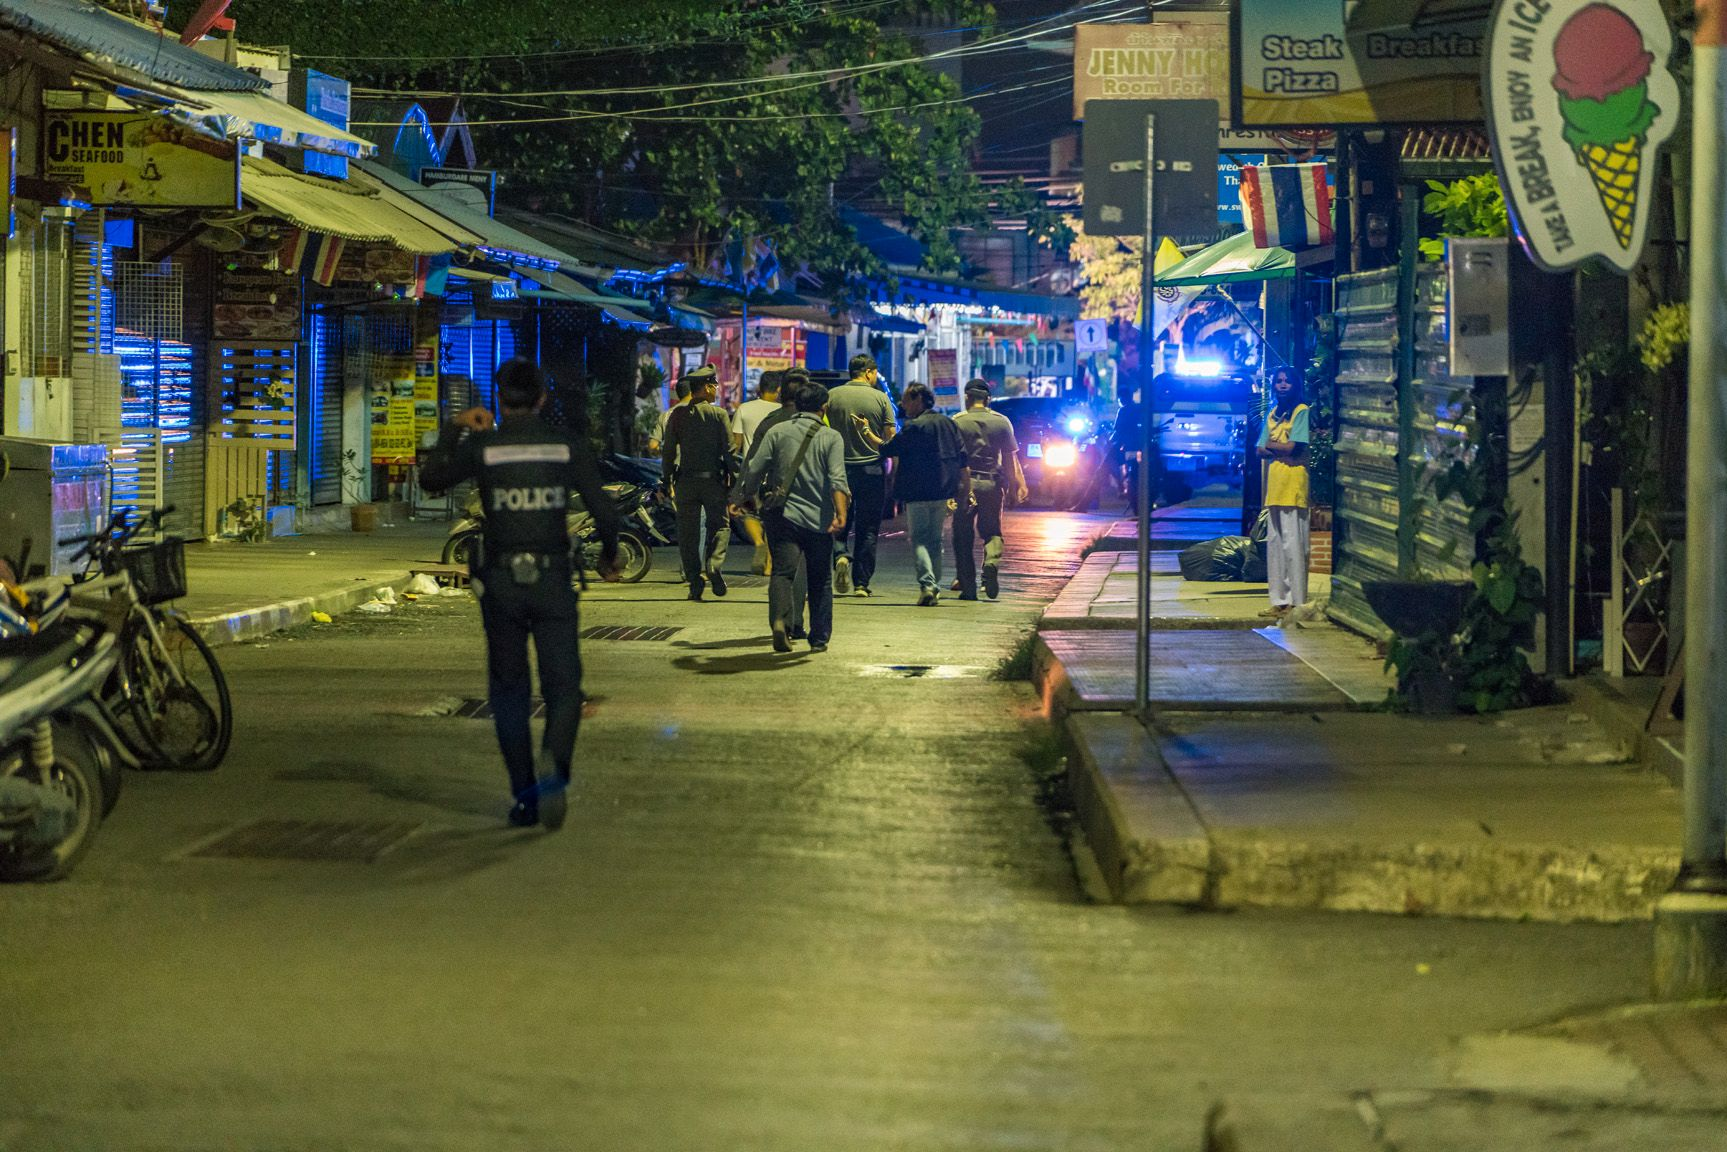 SPERRINGER: Thailandsk politi har sprettet av store deler av området rundt gaten Poon Suk Road, der en av bombene skal ha gått av.